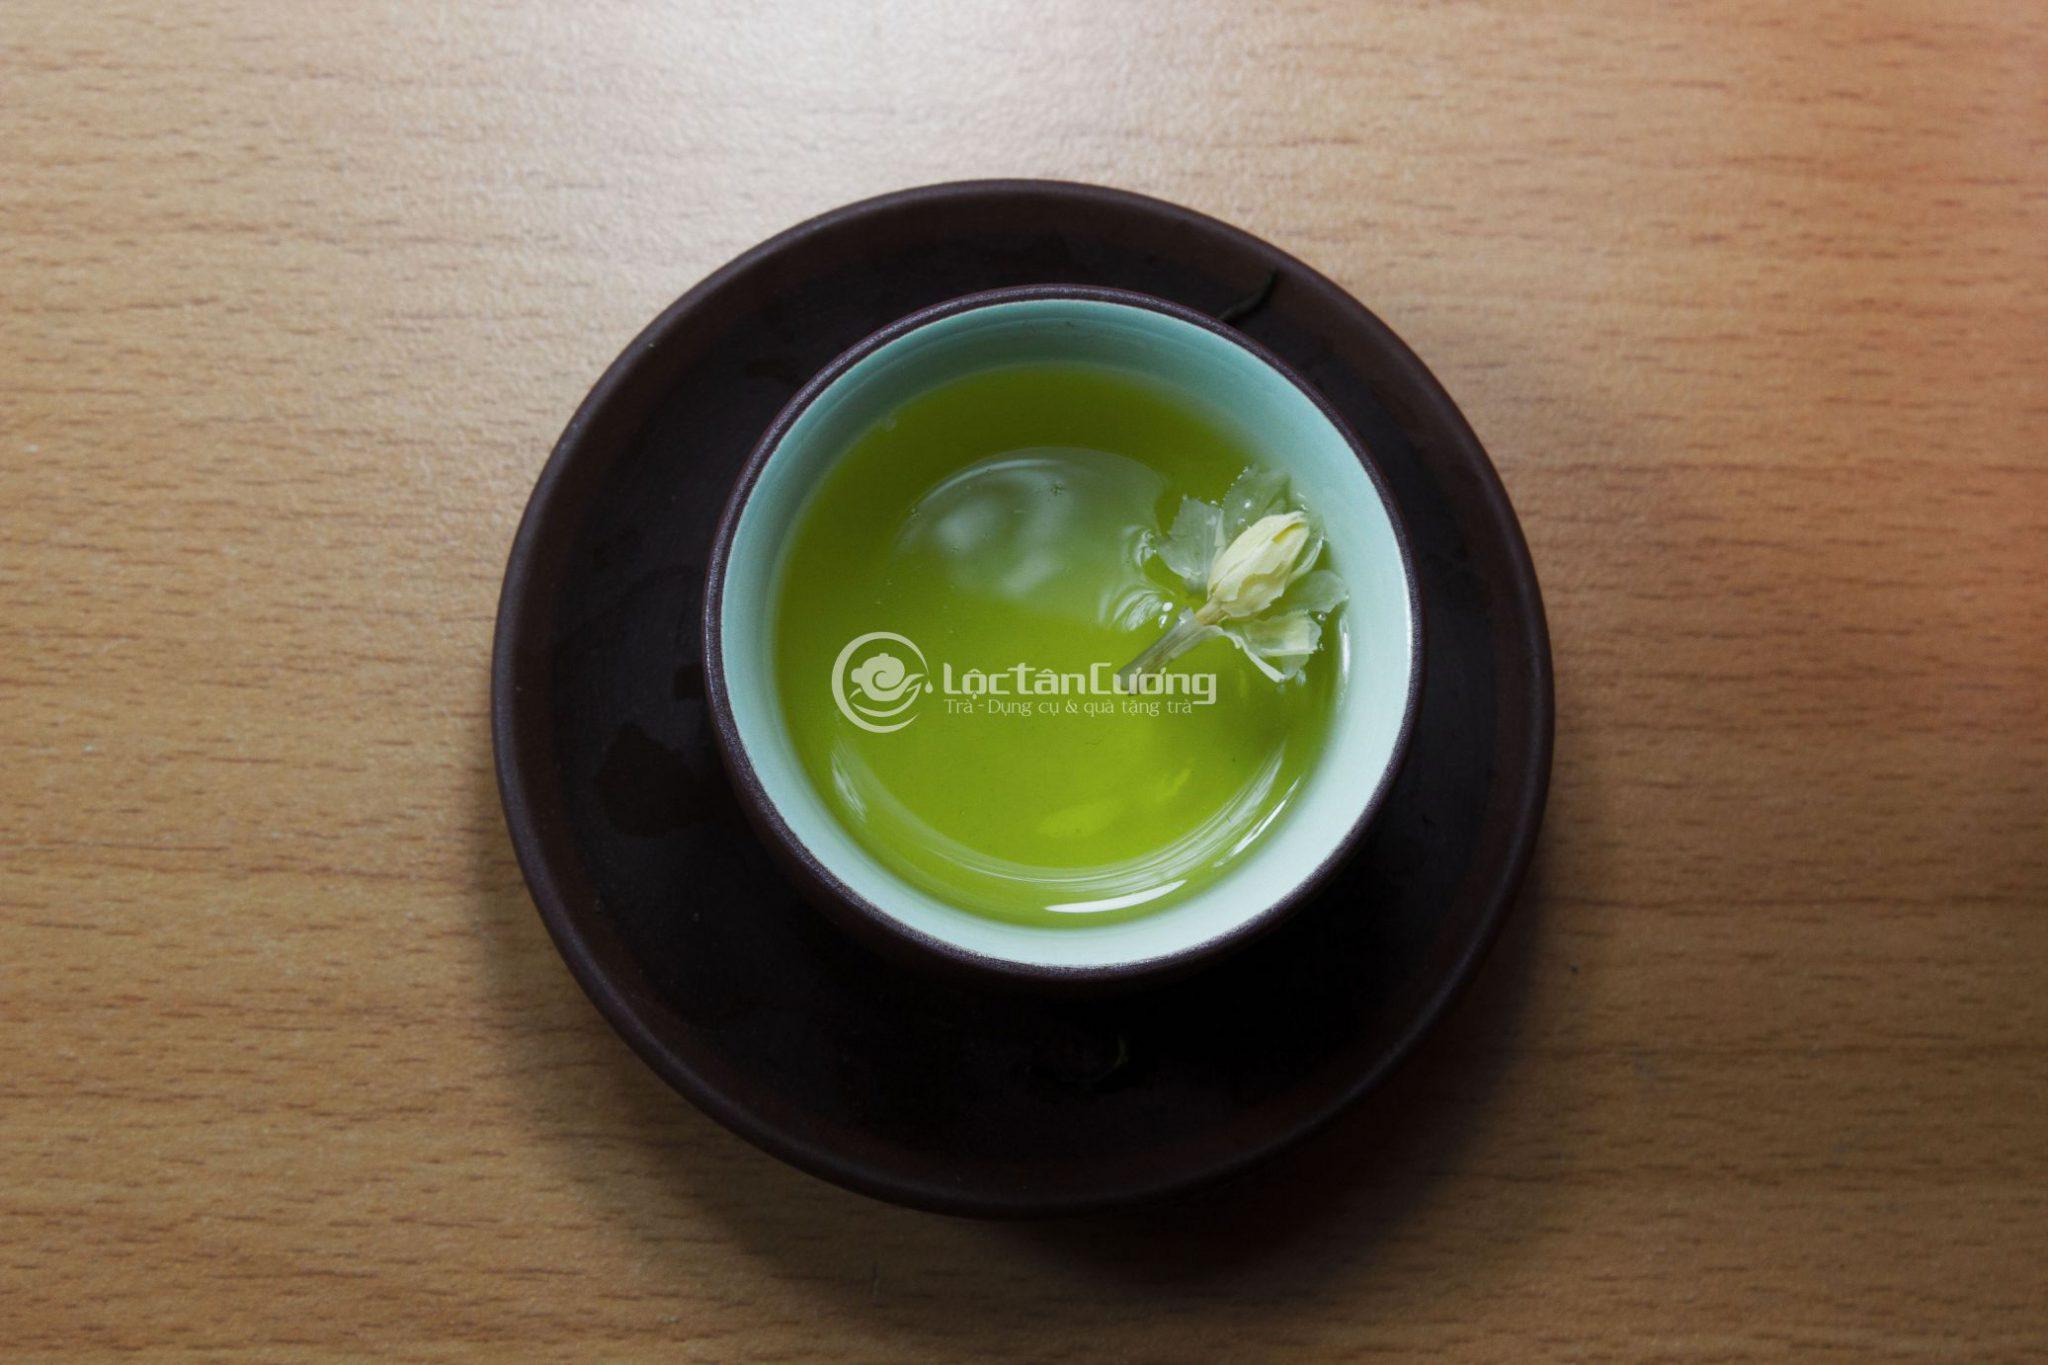 Trà lài mang lại rất nhiều lợi ích của trà xanh và hoa lài tươi